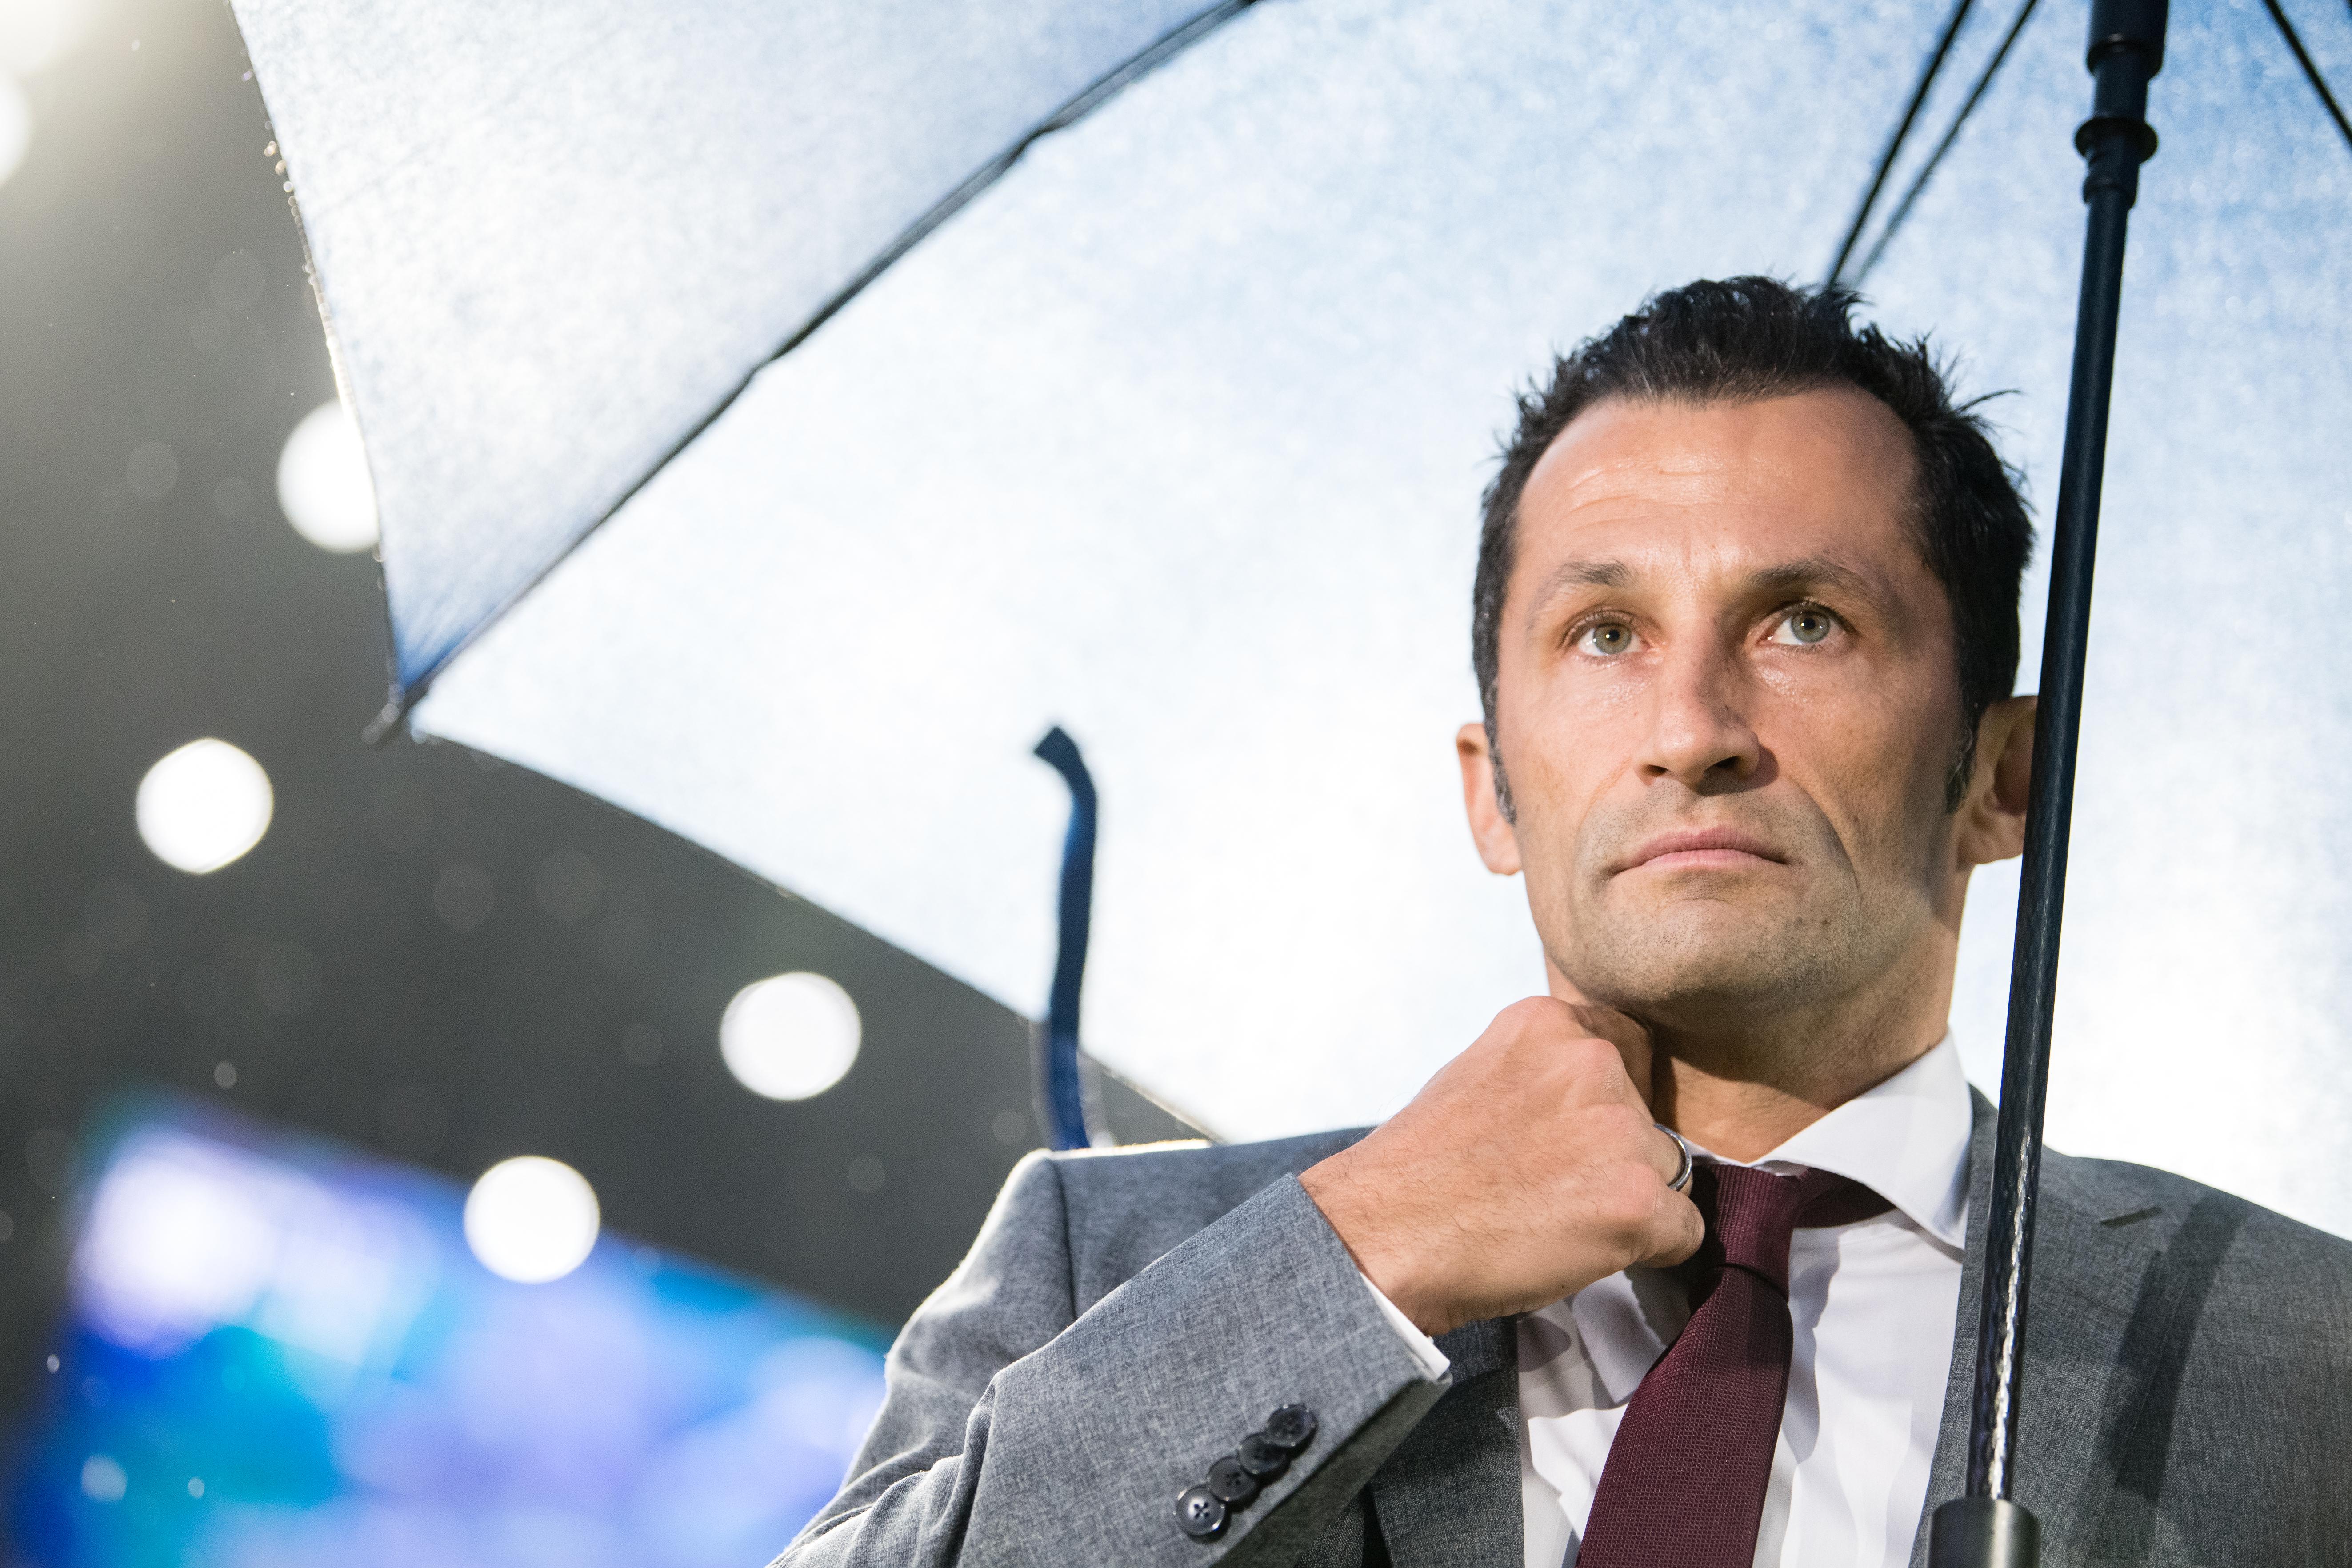 Hasan Salihamidzic dürfte nicht gefallen, was Lothar Matthäus zu sagen hatte.